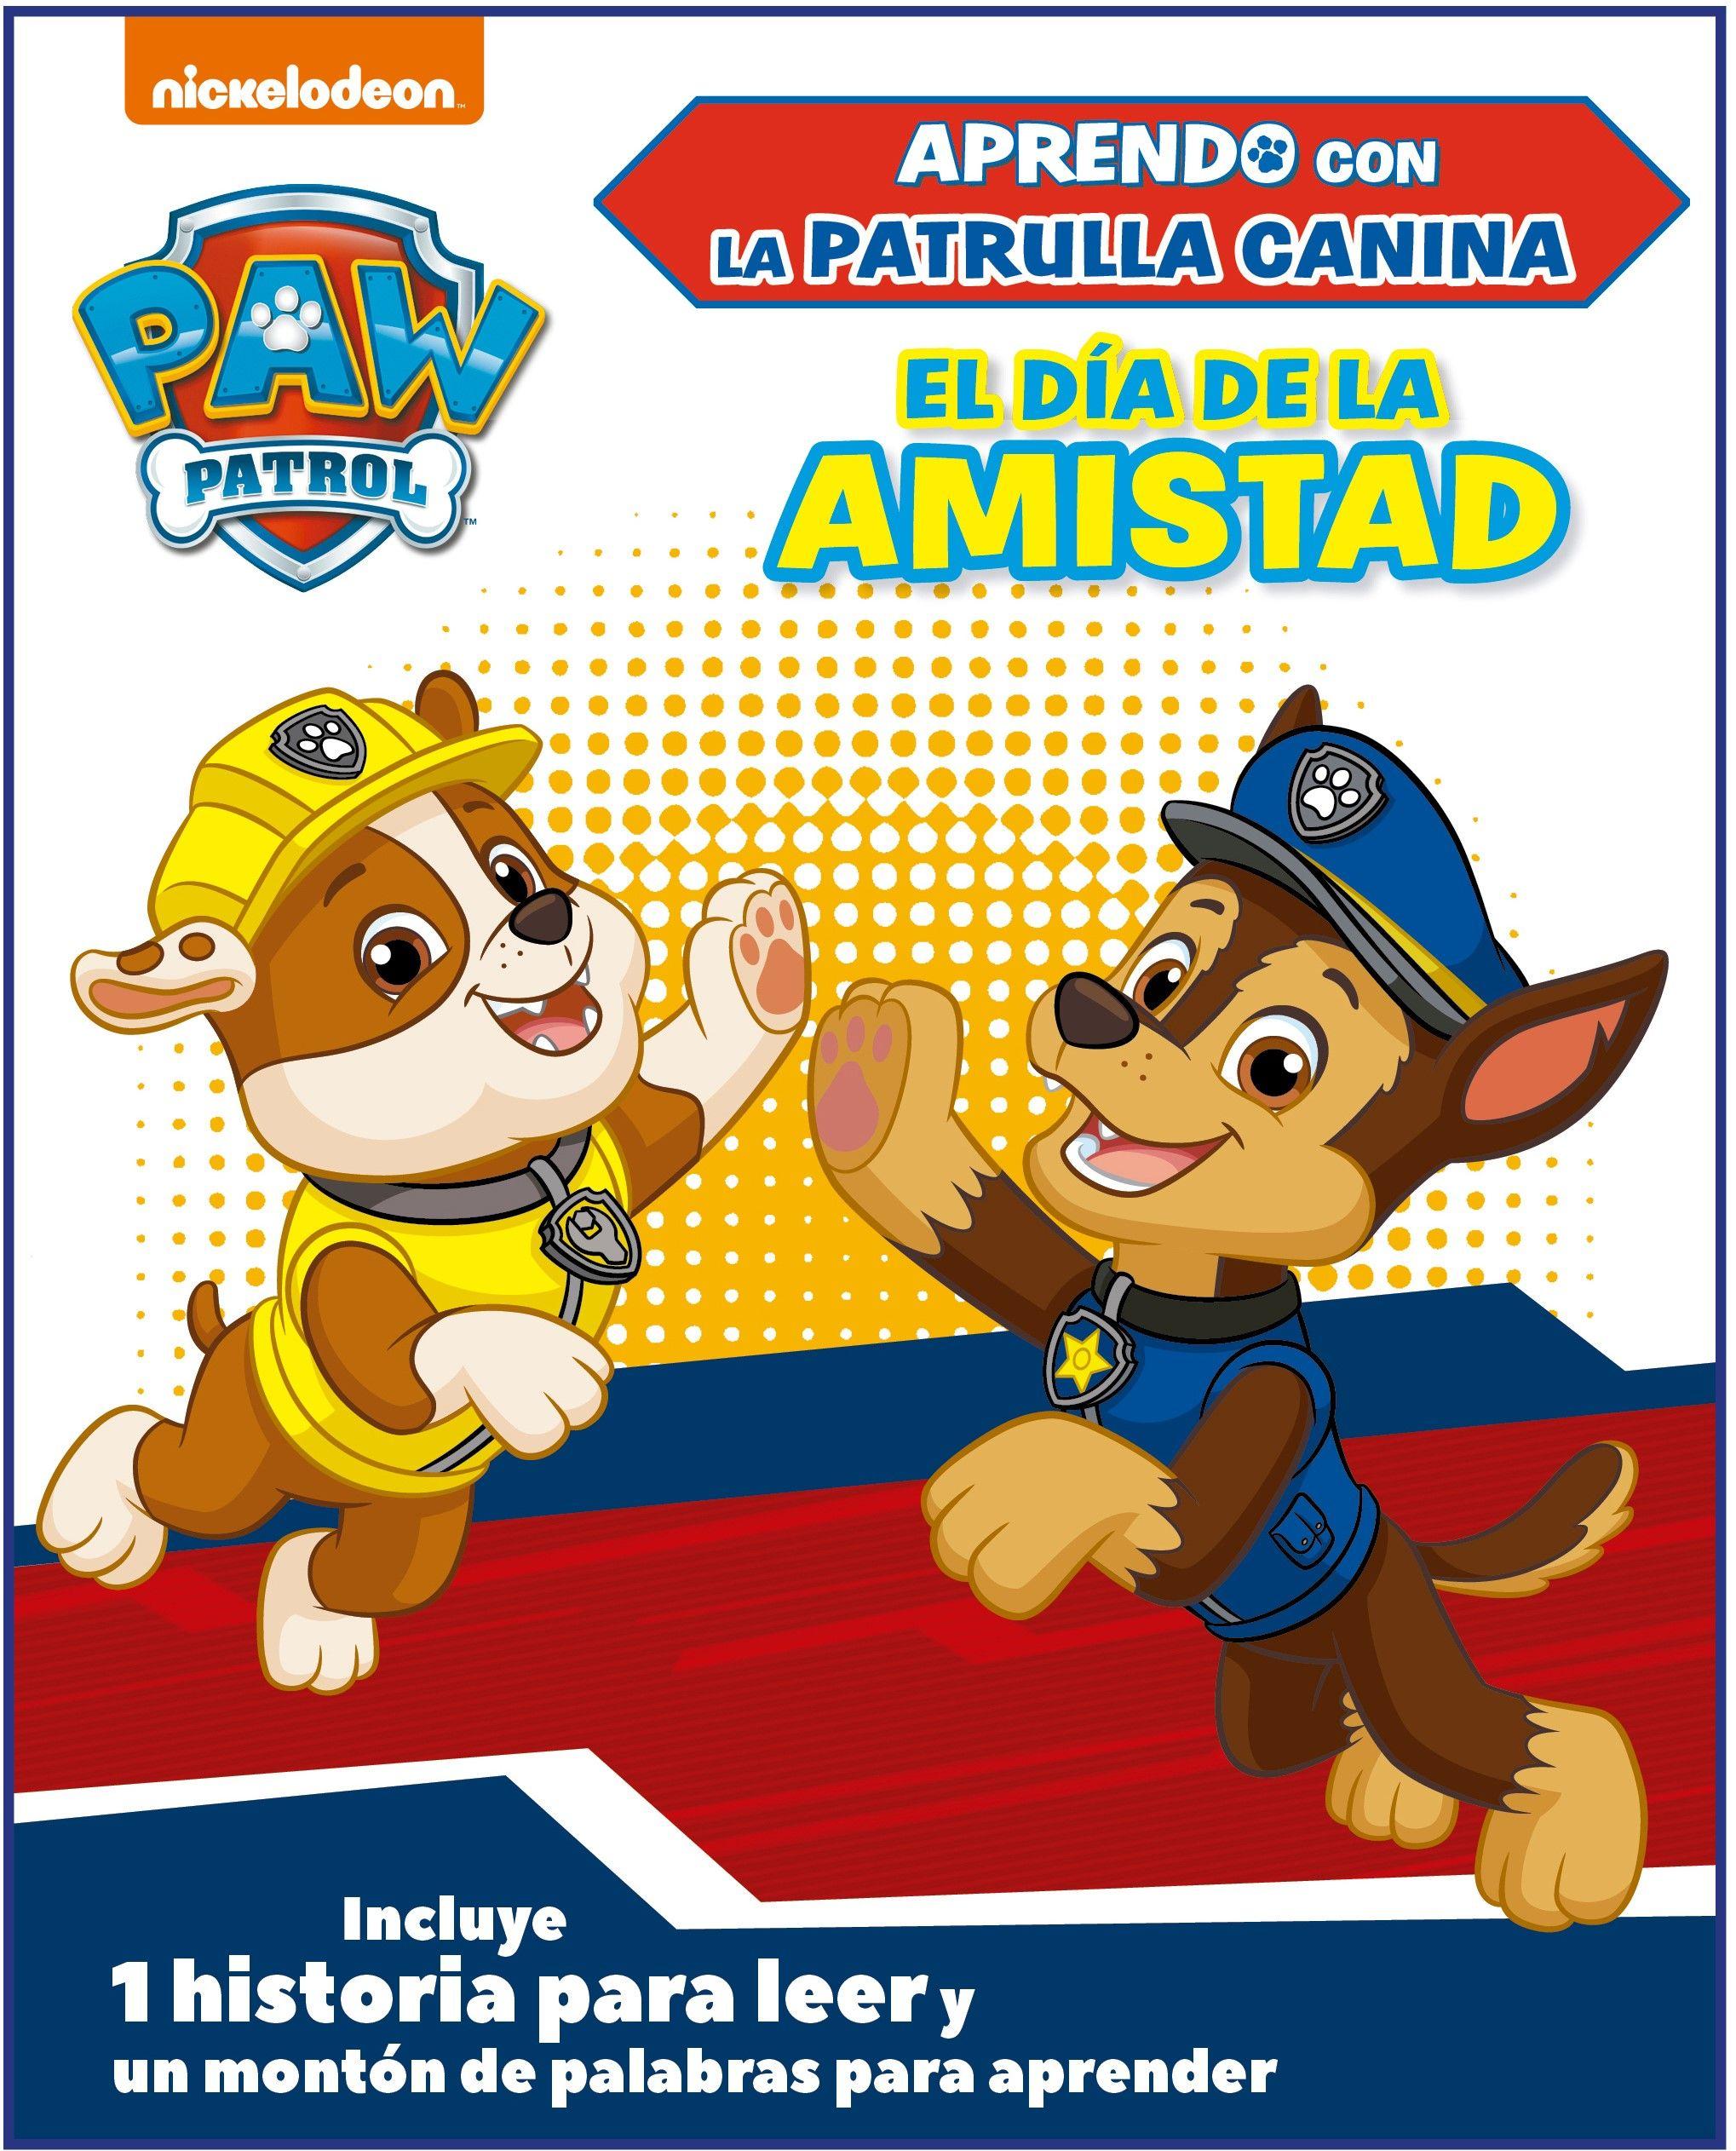 PATRULLA CANINA EL DIA DE LA AMISTAD